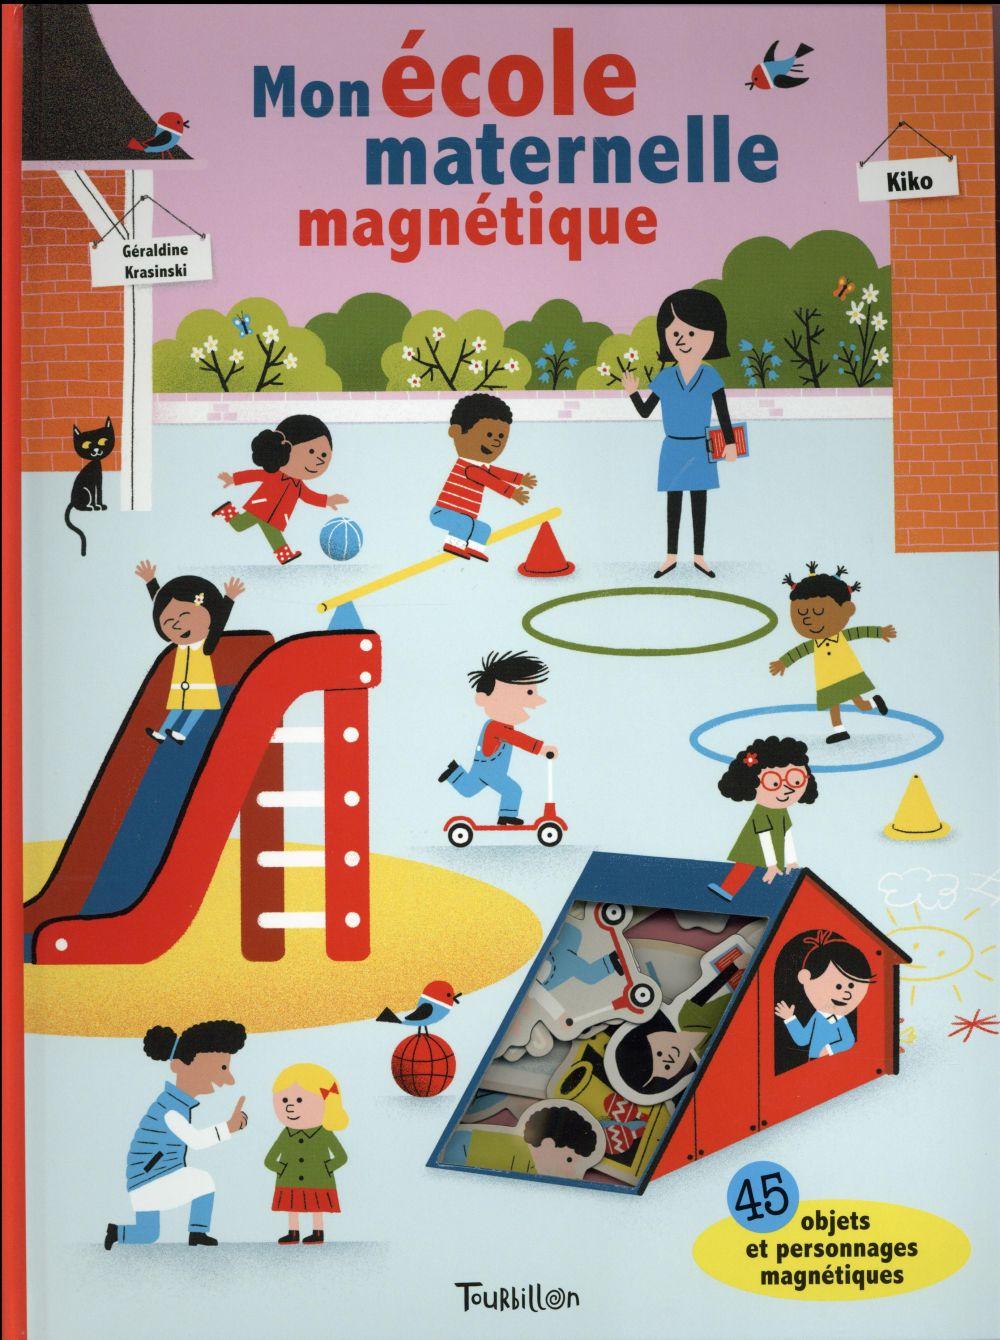 MON ECOLE MATERNELLE MAGNETIQUE - LIVRE MAGNETIQUE